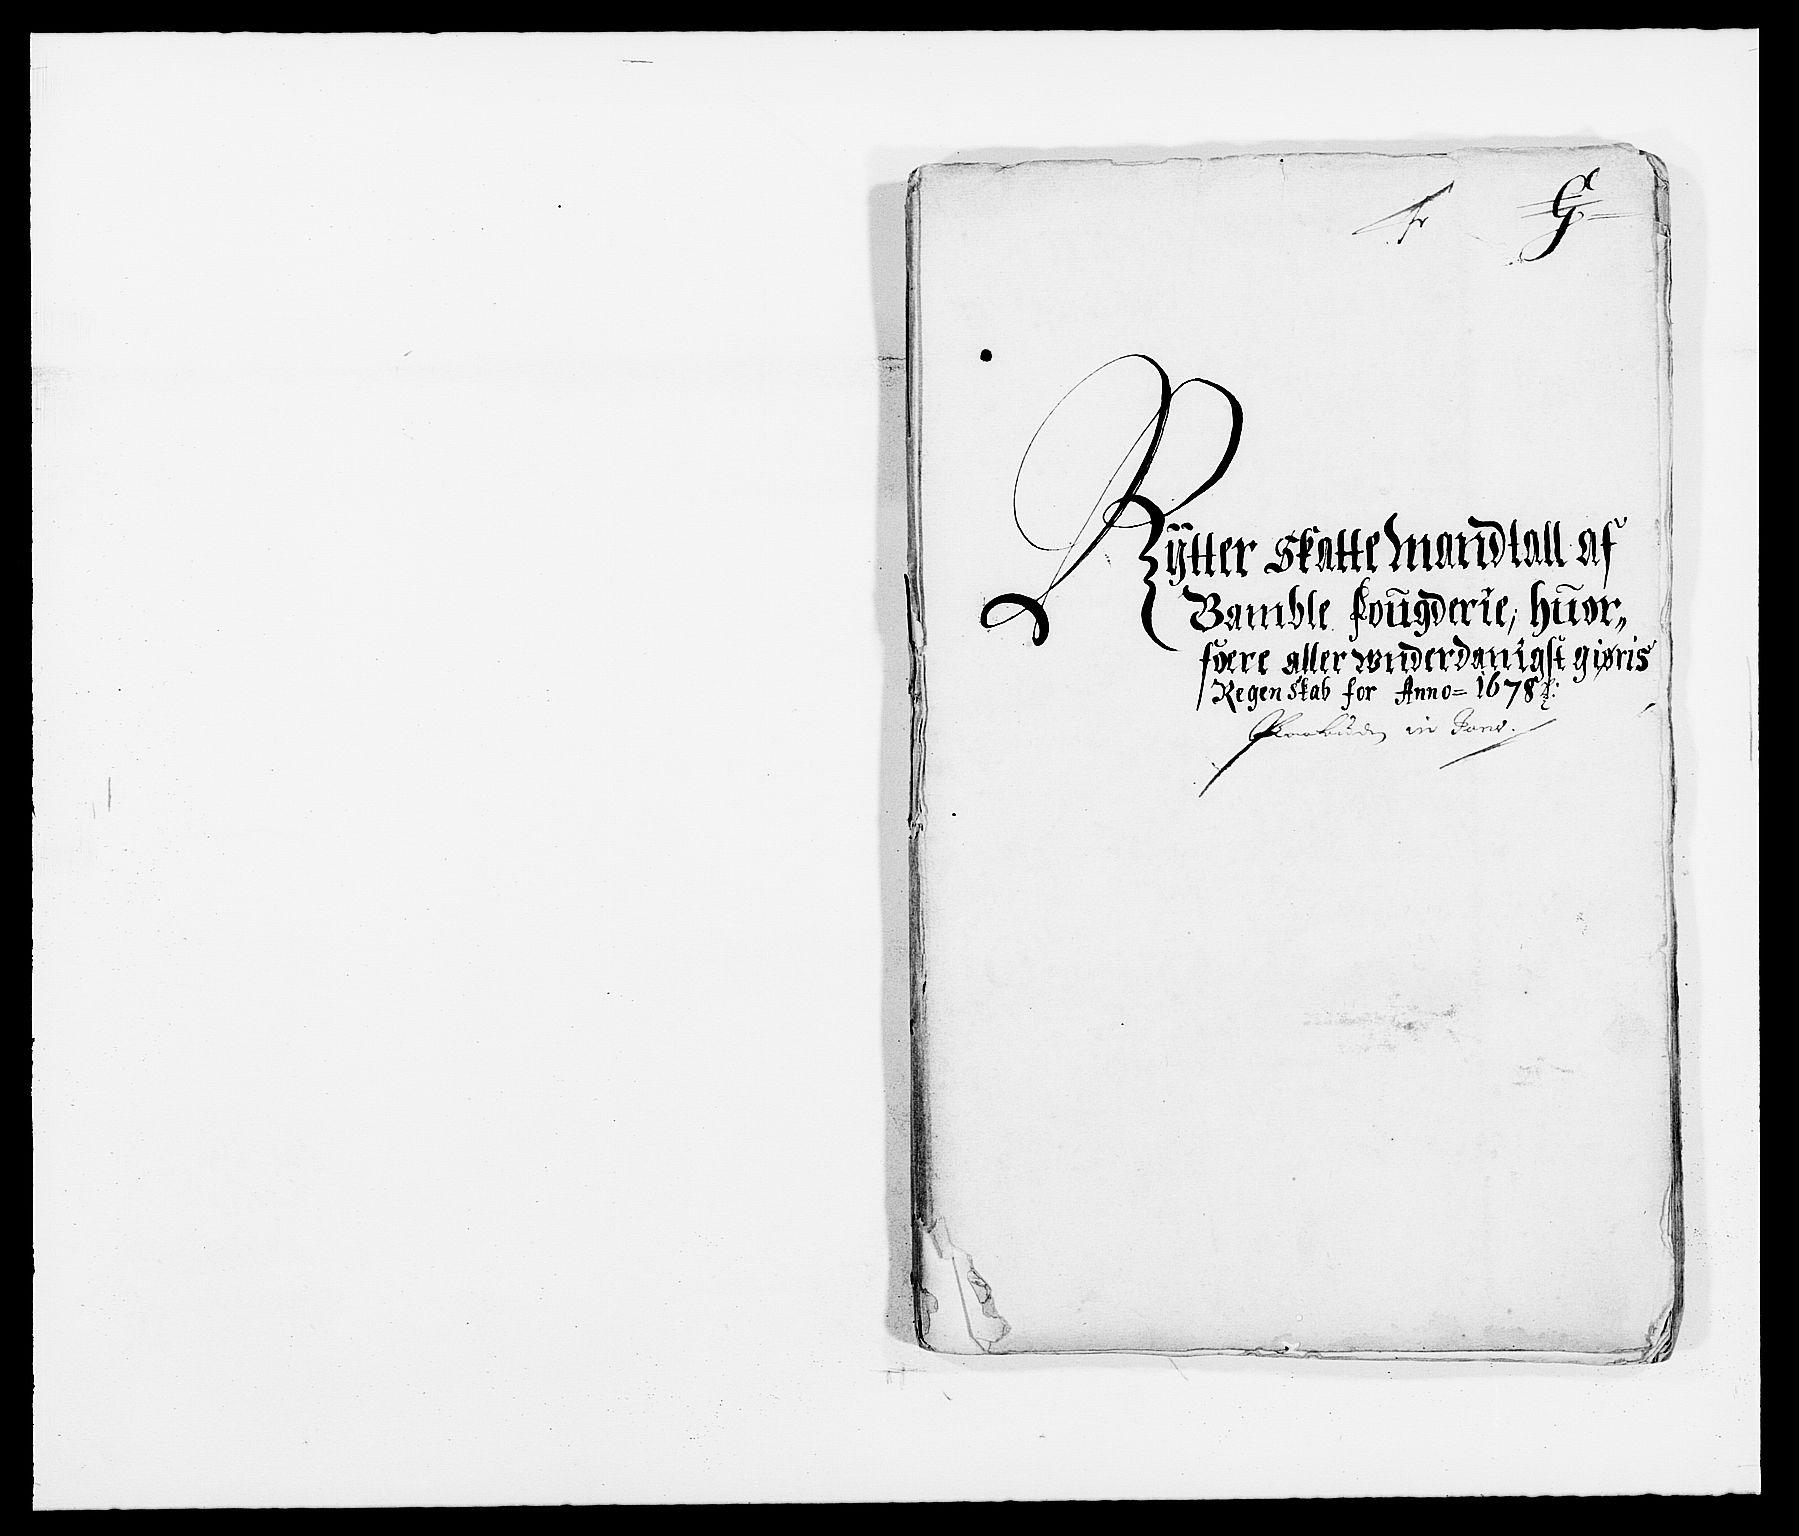 RA, Rentekammeret inntil 1814, Reviderte regnskaper, Fogderegnskap, R34/L2044: Fogderegnskap Bamble, 1678-1679, s. 120